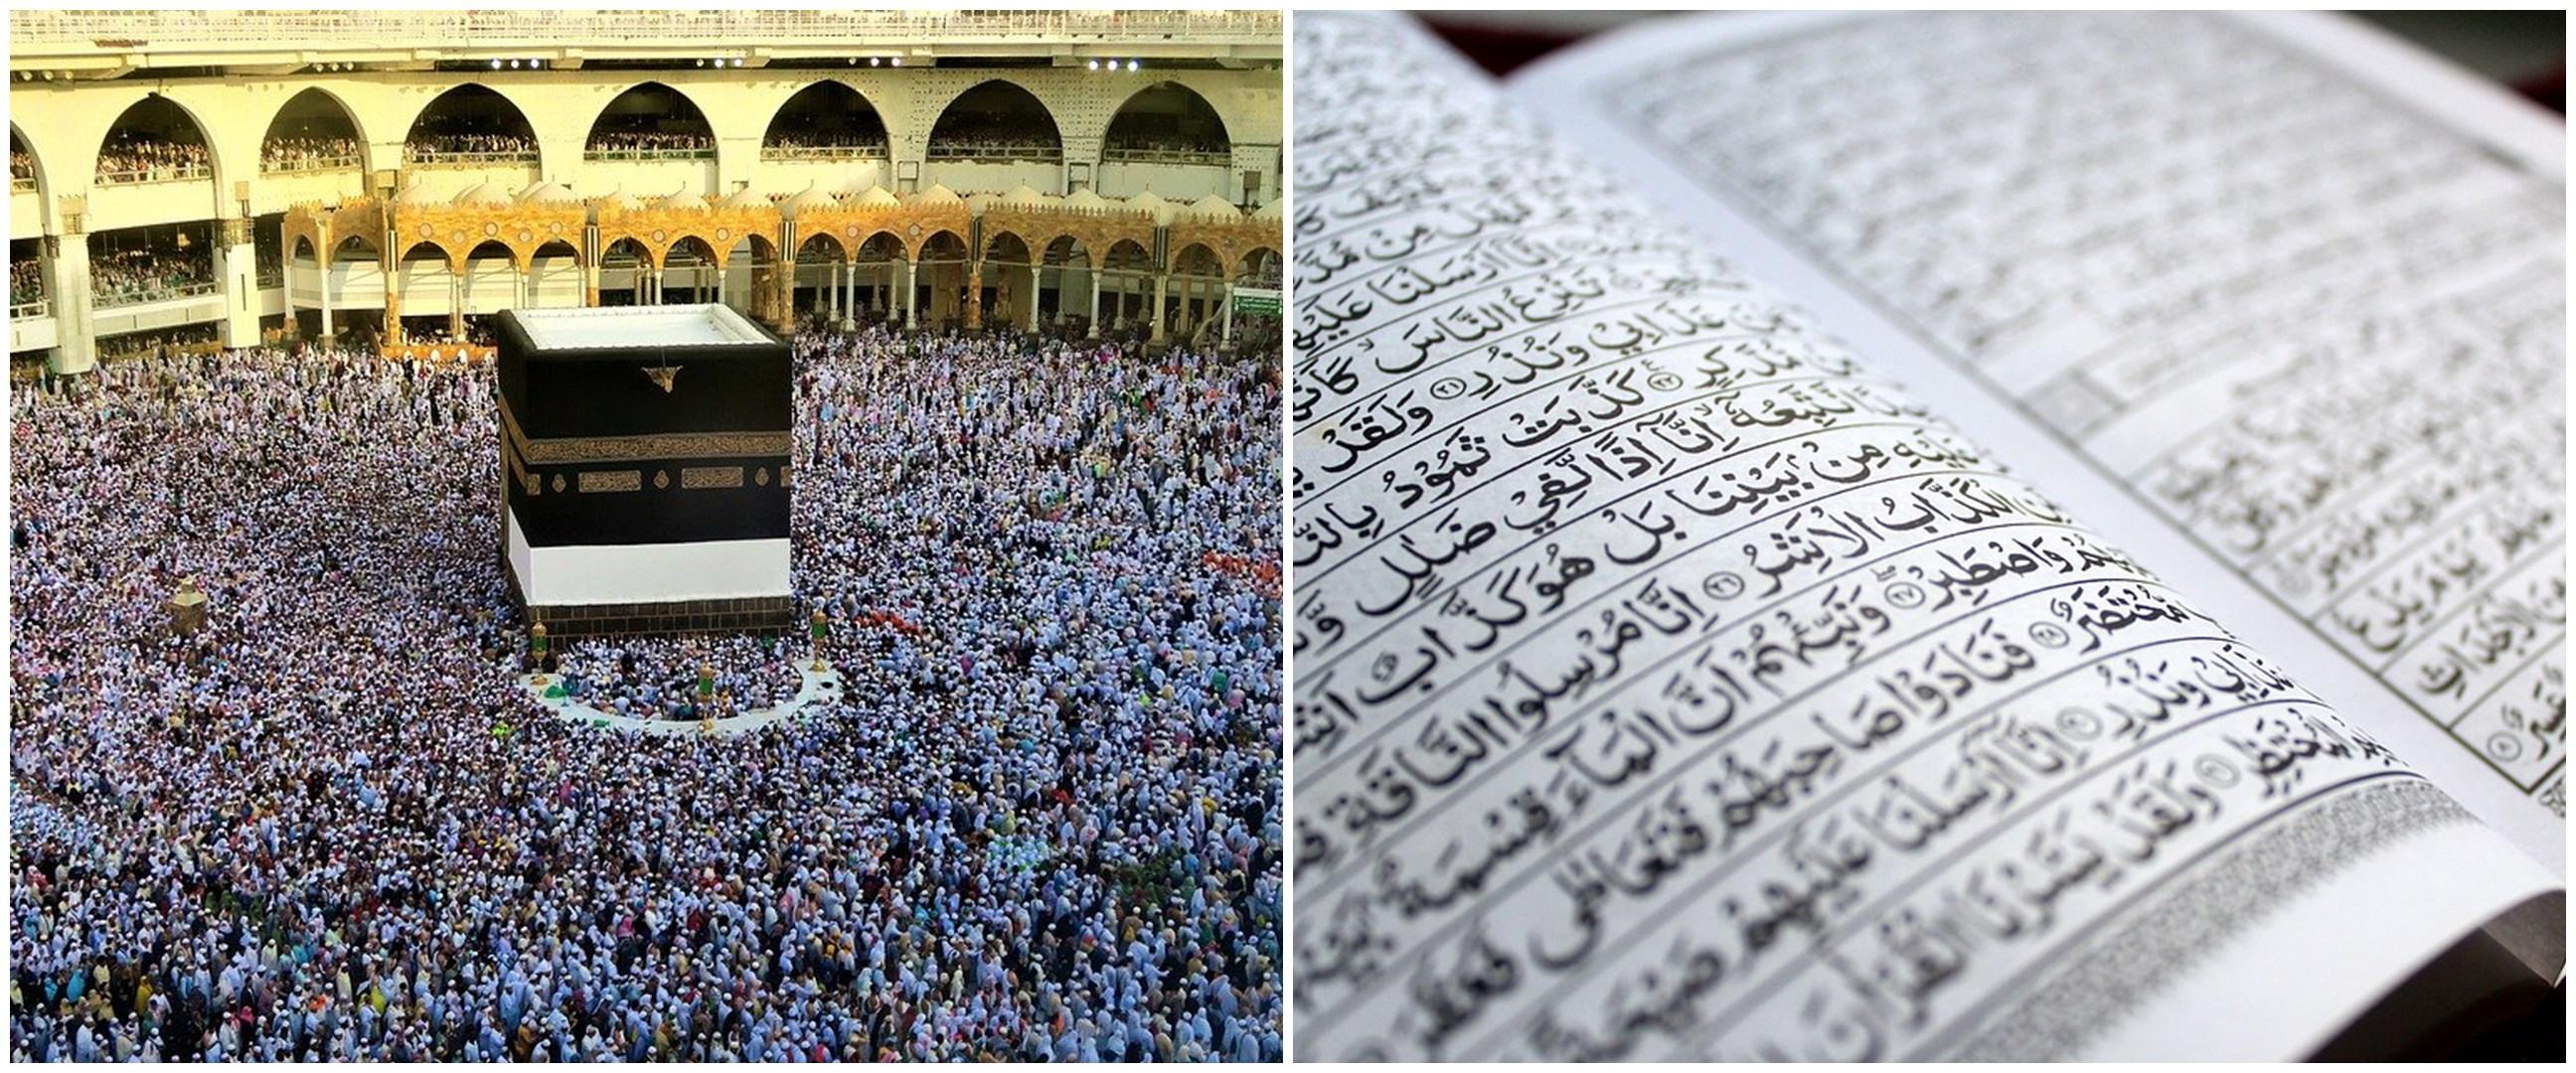 Kisah Nabi Muhammad penutup para Nabi beserta mukjizatnya